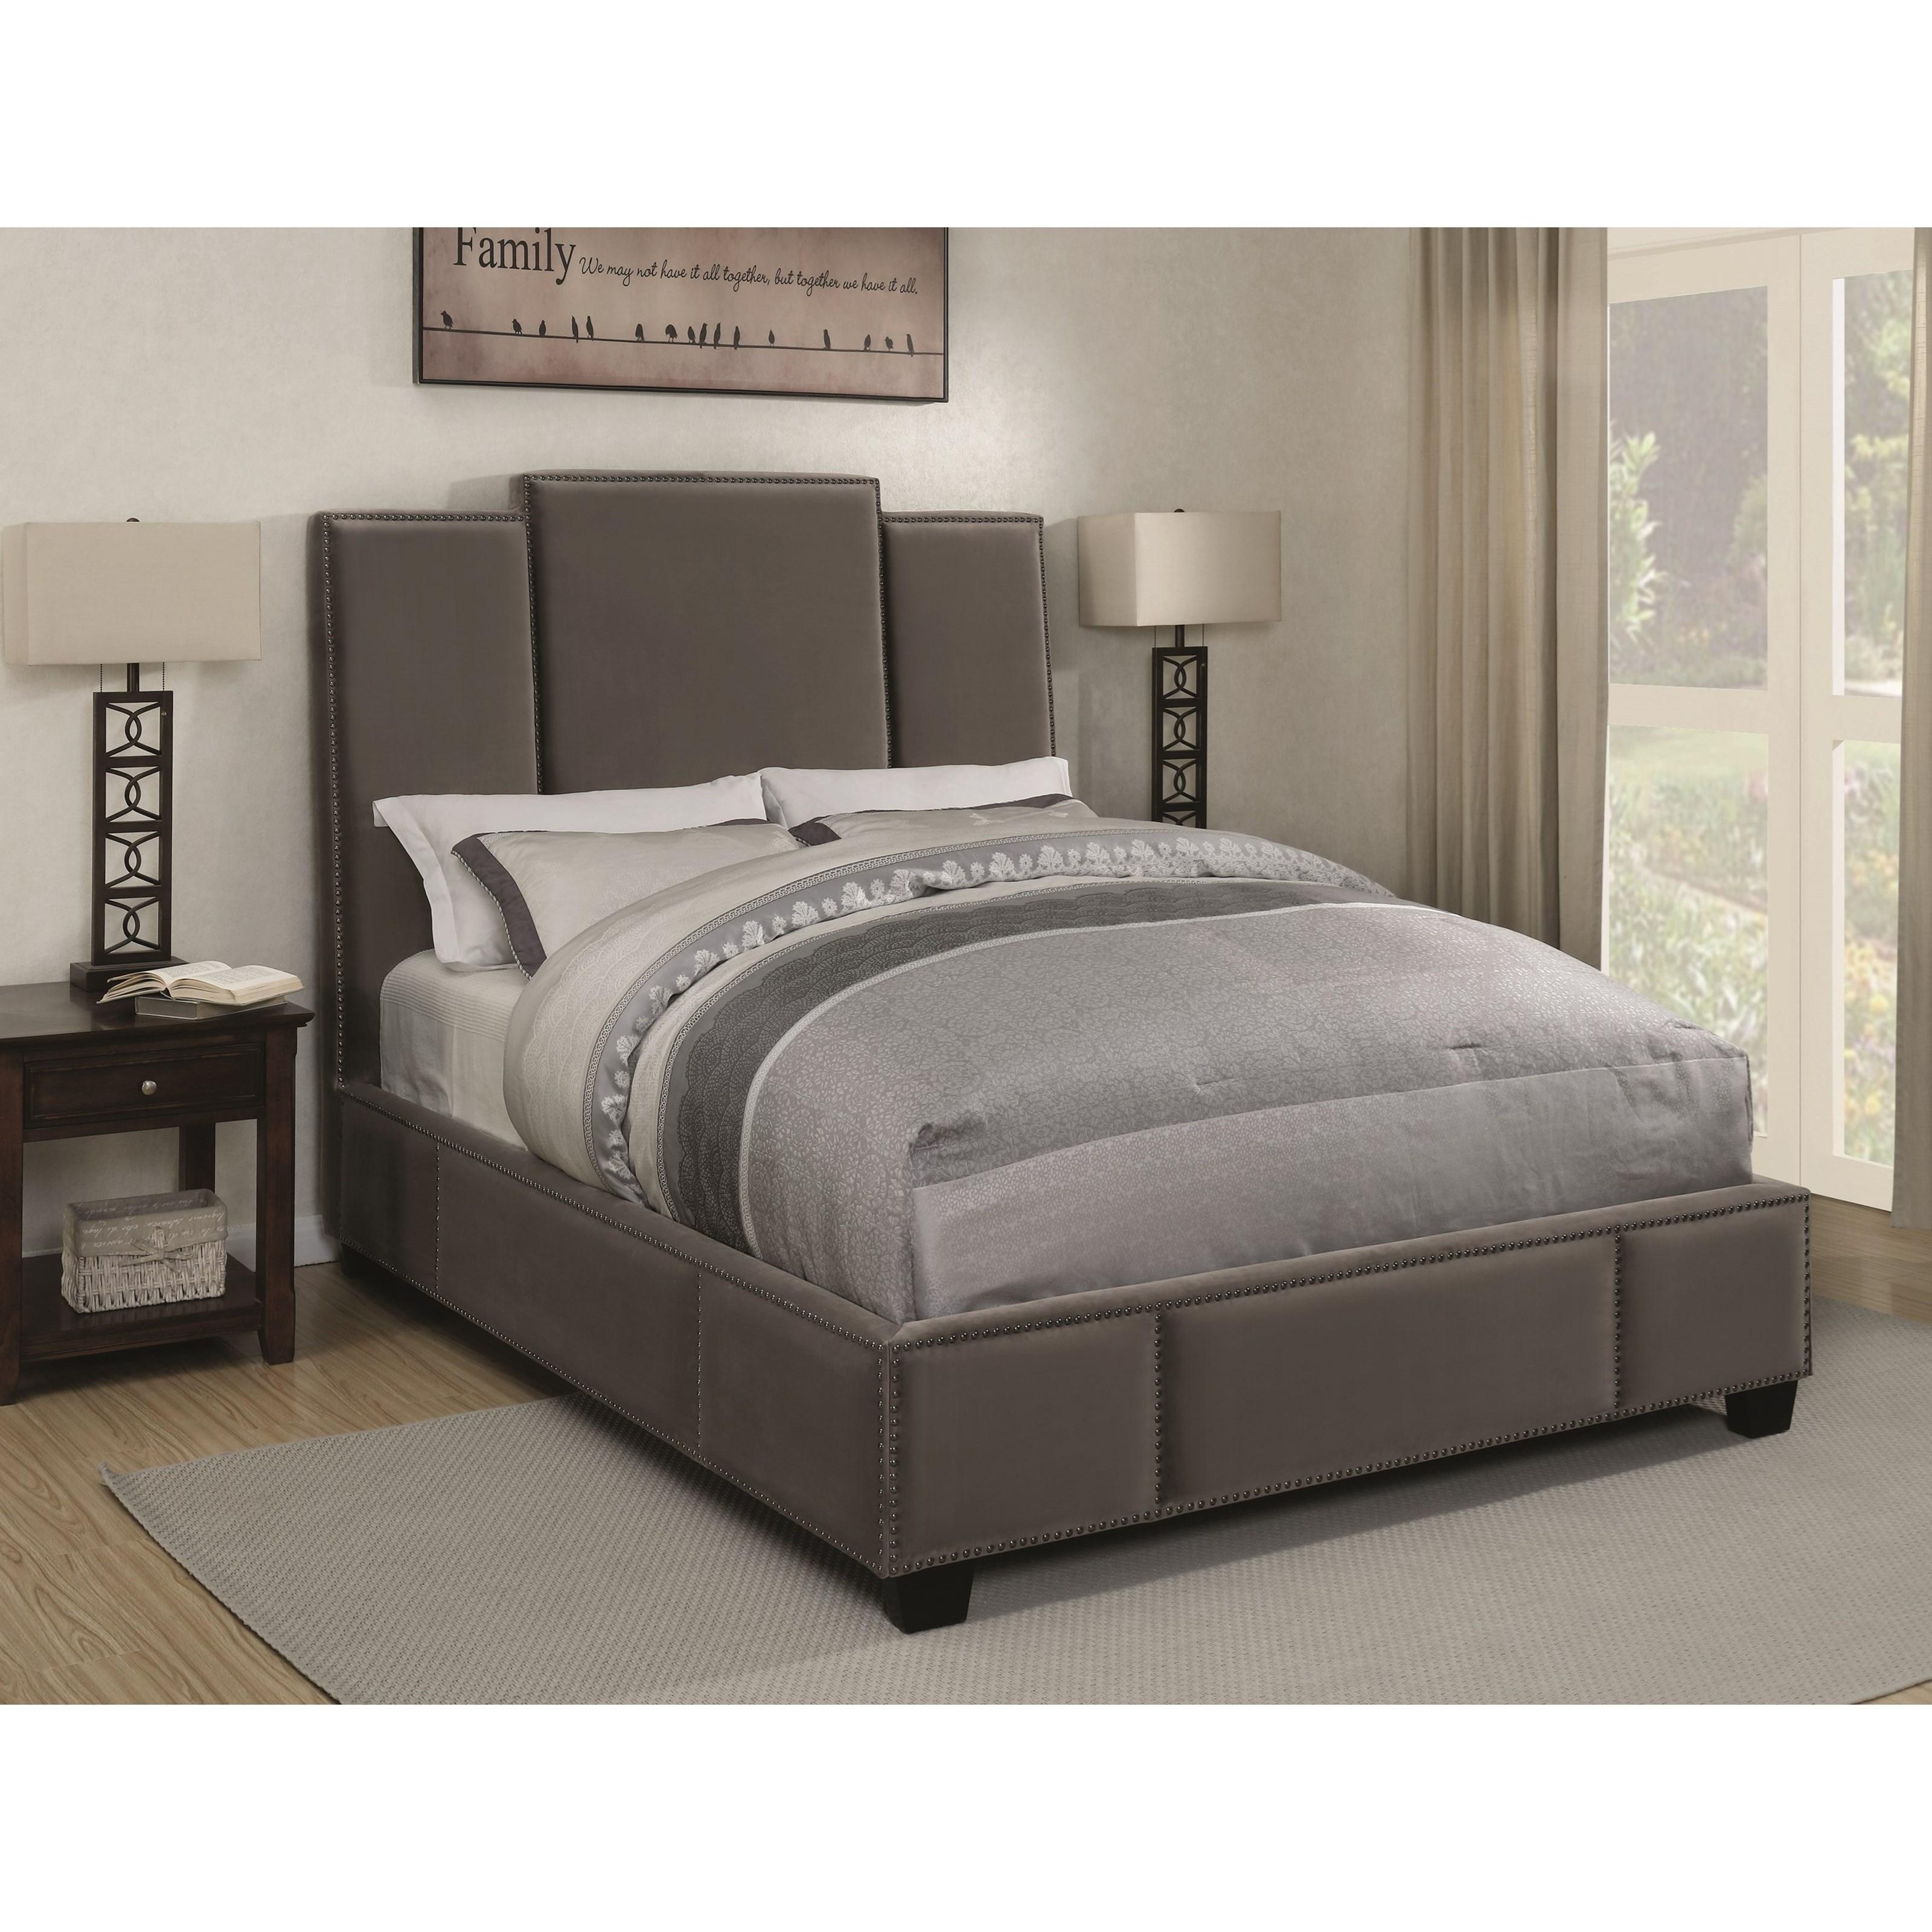 Coaster Lawndale Full Bed - Item Number: 300795F